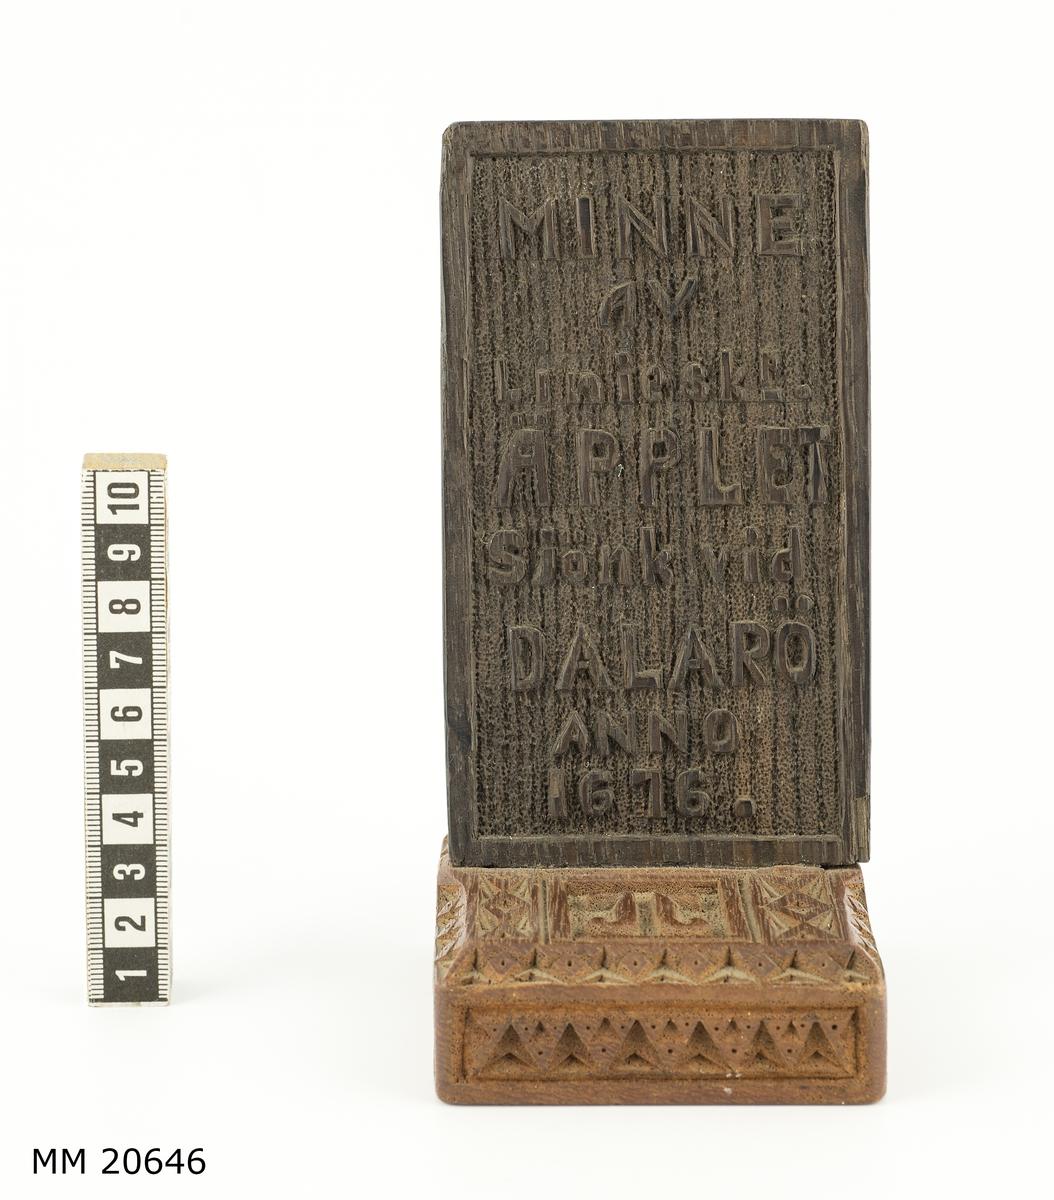 """Minnesplatta av ek, rektangulär, monterad på teakplatta. Försedd med skuren text, förhöjd relief: 'Minne av linjeskp. Äpplet sjönk vid  Dalarö Anno 1676."""" På baksida 'Gåva av (monogram) 1928"""". Teakplattan ornerad samt försedd med monogram: 'JJ"""". På baksida nedsänkt lapp med text: 'Teakträ tillhört inredningen till korvetten Chapmans kajuta. V.S."""" samt ritning av ett litet hus.  Saknar nummer i Westerbergs register."""